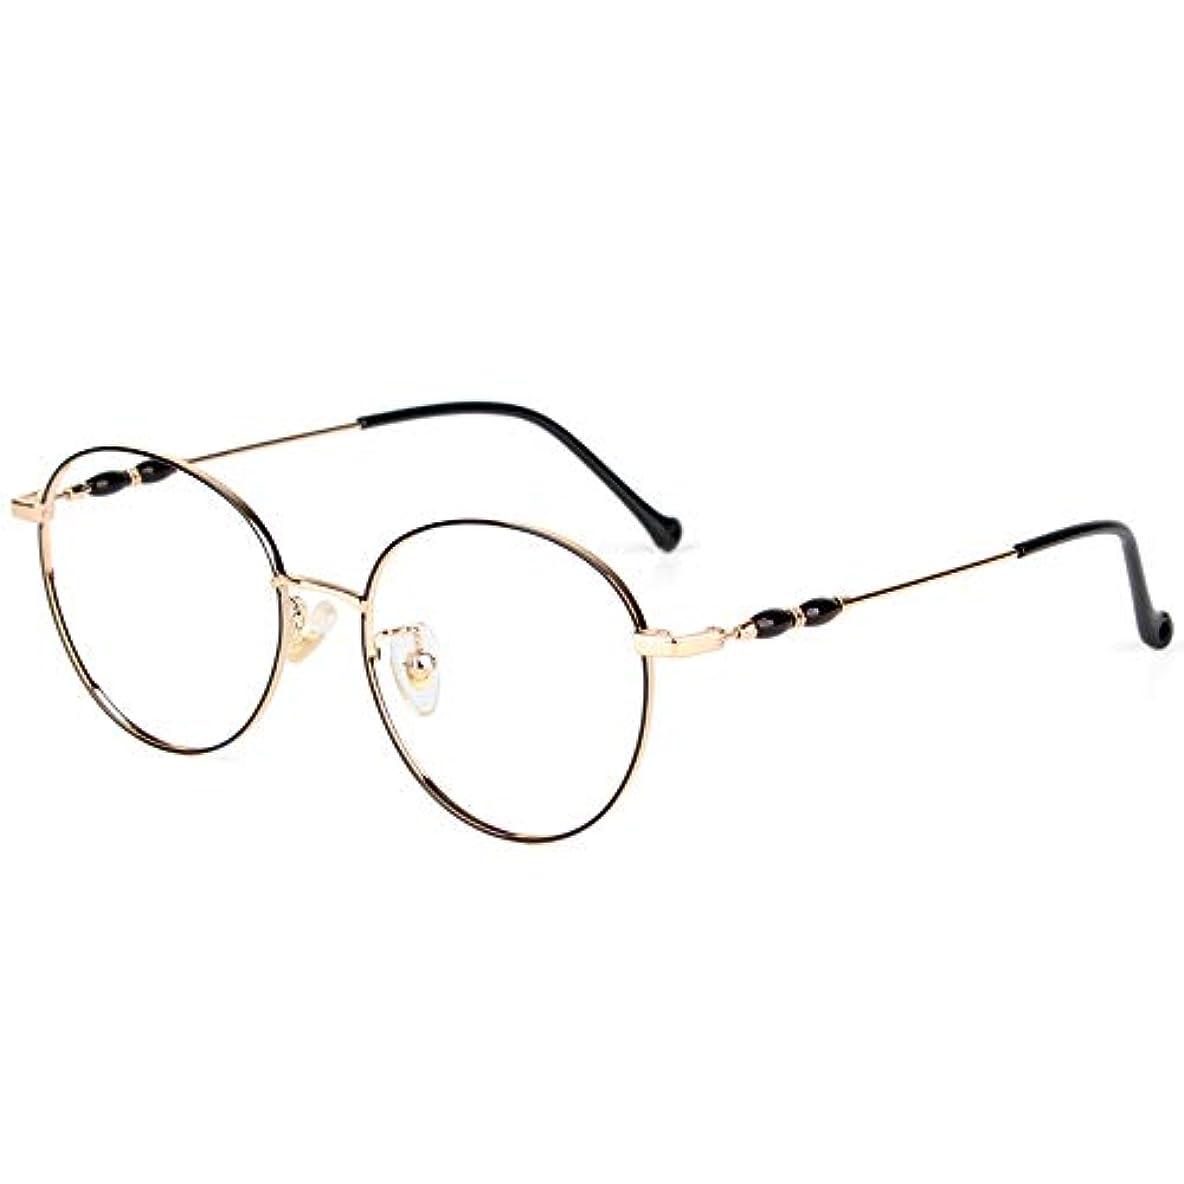 ラウンドフレームレディース老眼鏡、快適な抗疲労合金フレーム、Hd樹脂レンズ、快適でスタイリッシュな